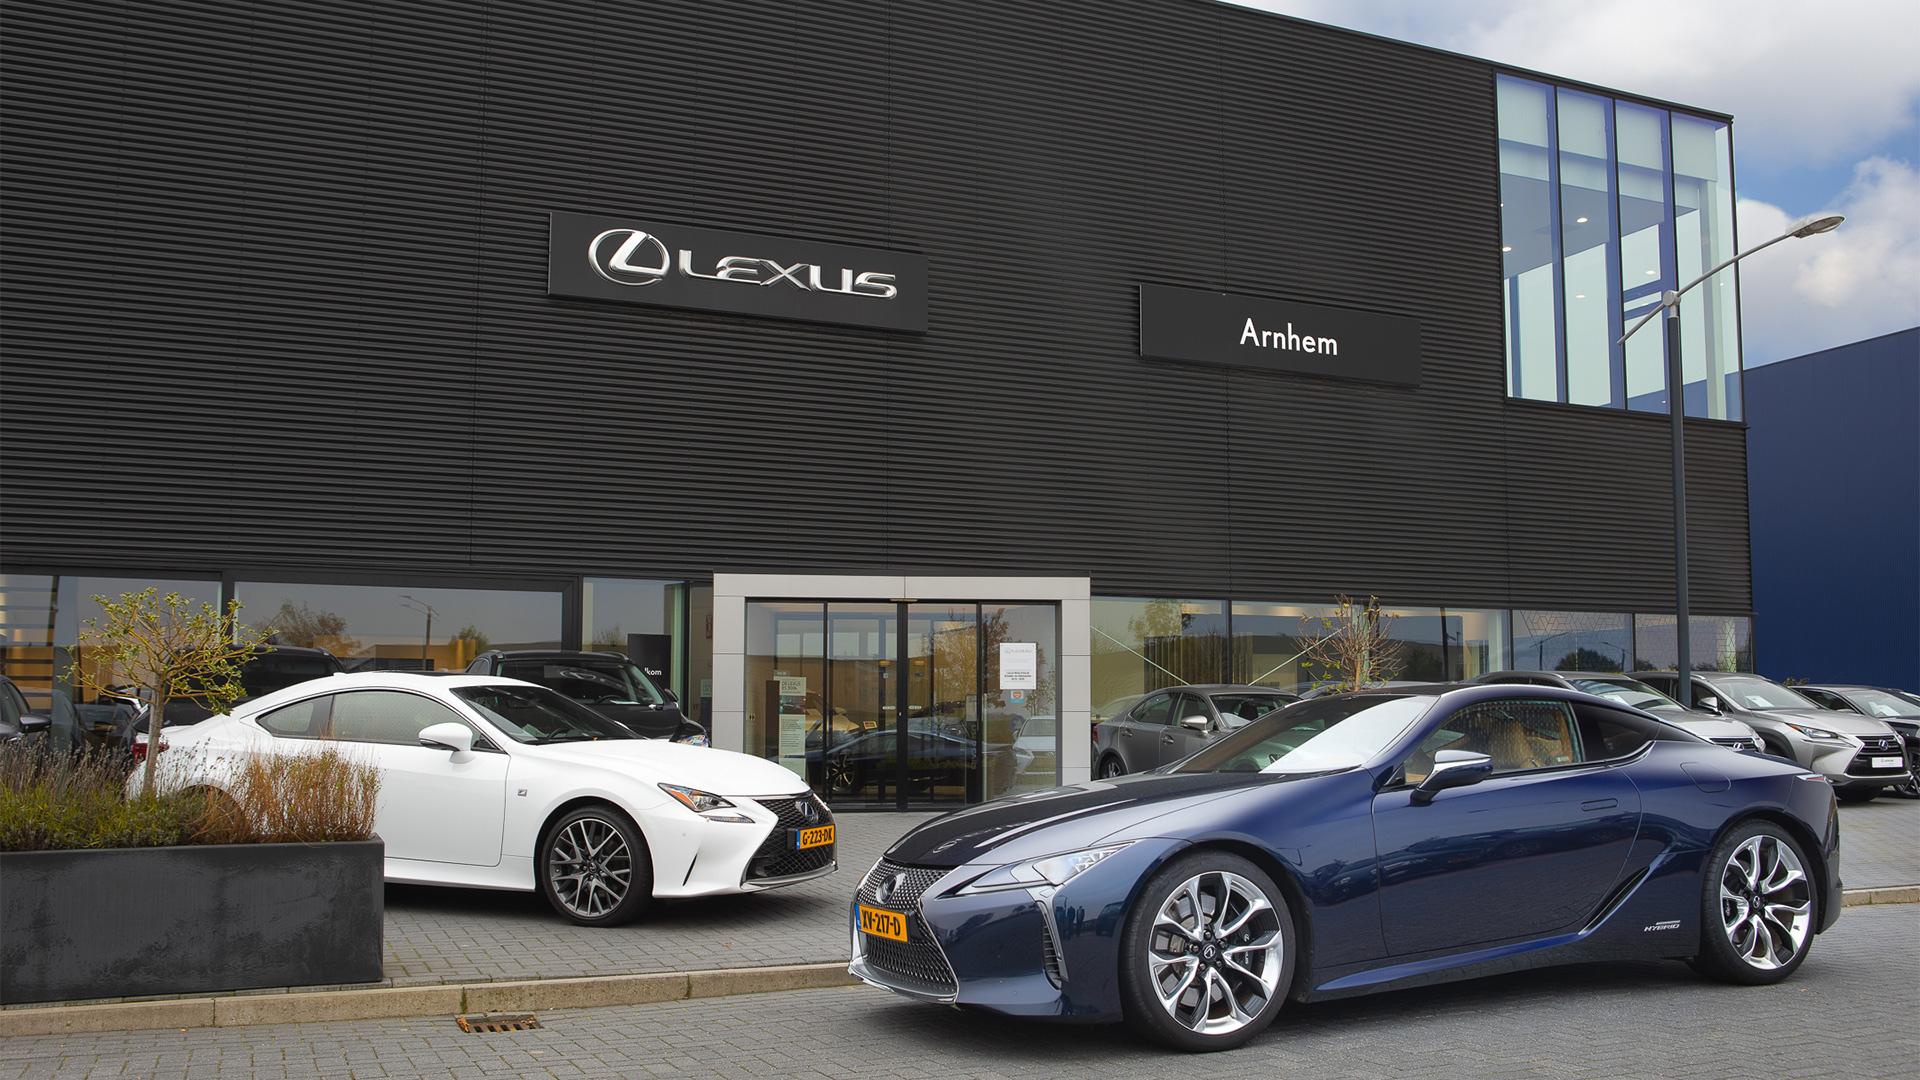 Afbeelding van het pand van Lexus Arnhem